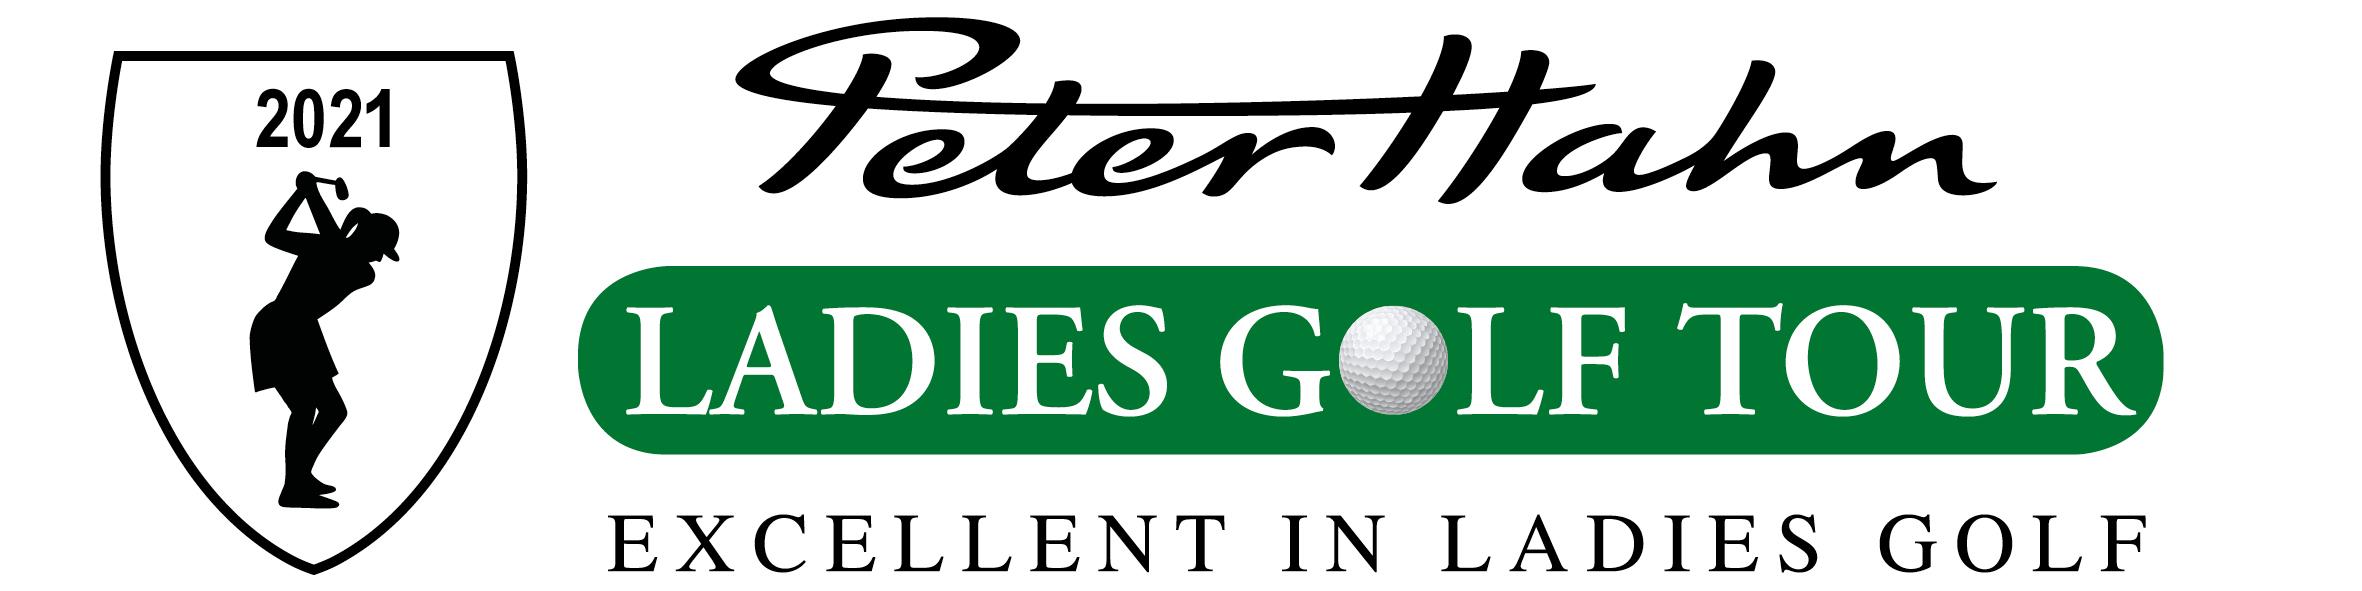 Ladies Golf Tour